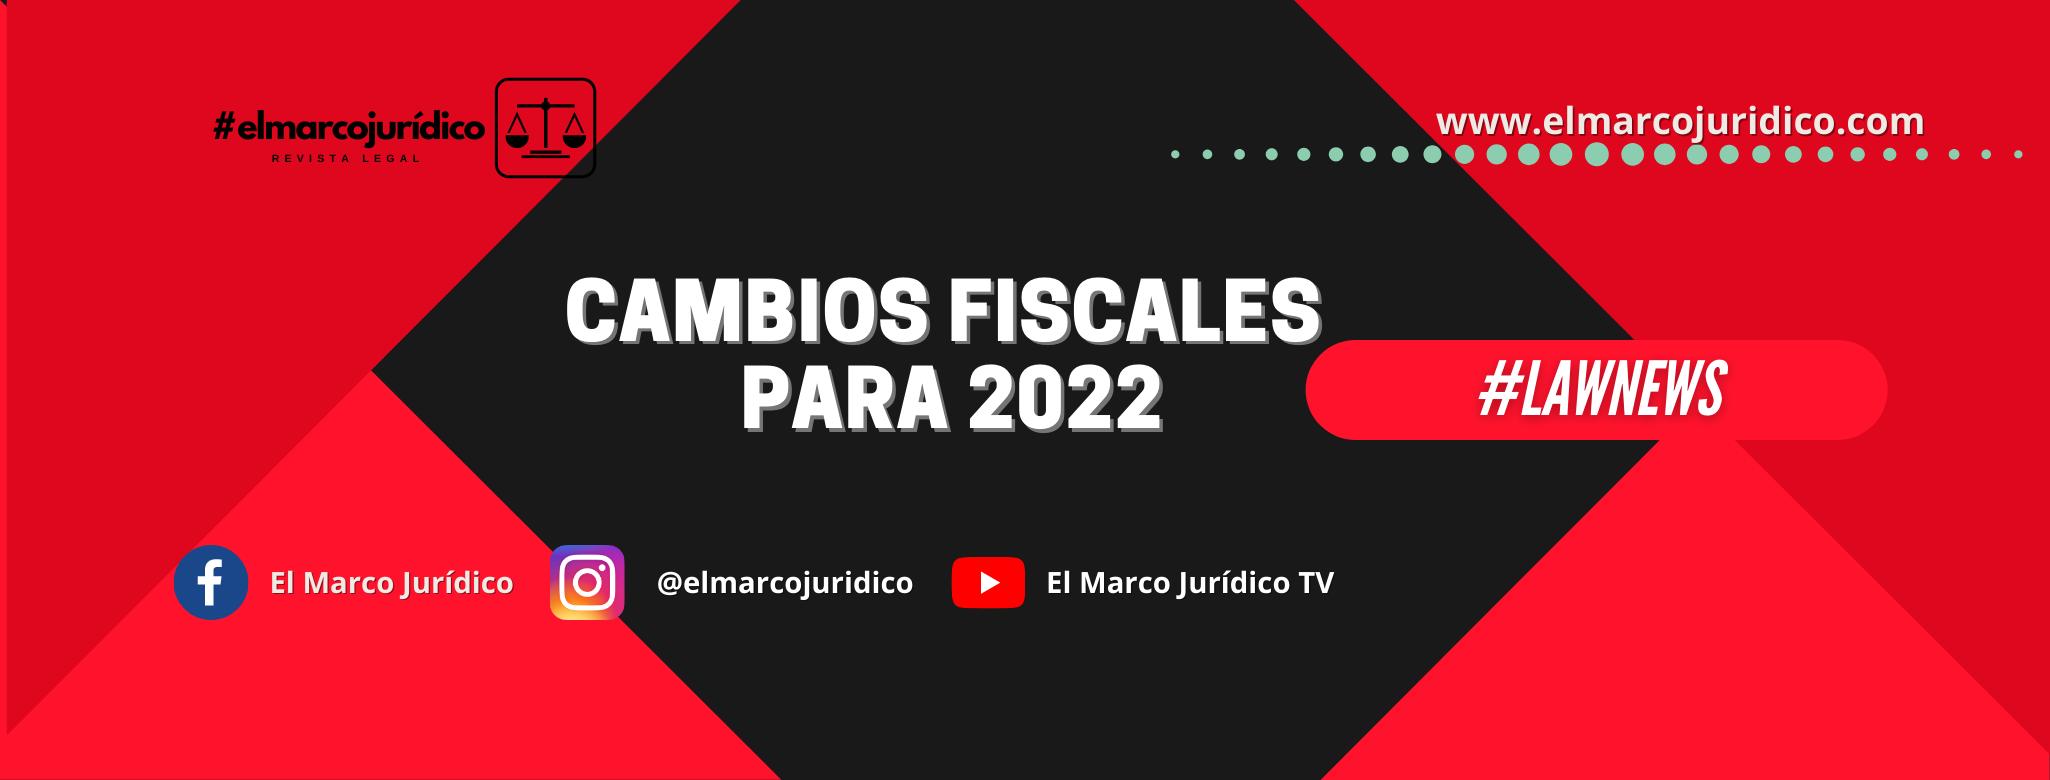 Cambios fiscales para 2022